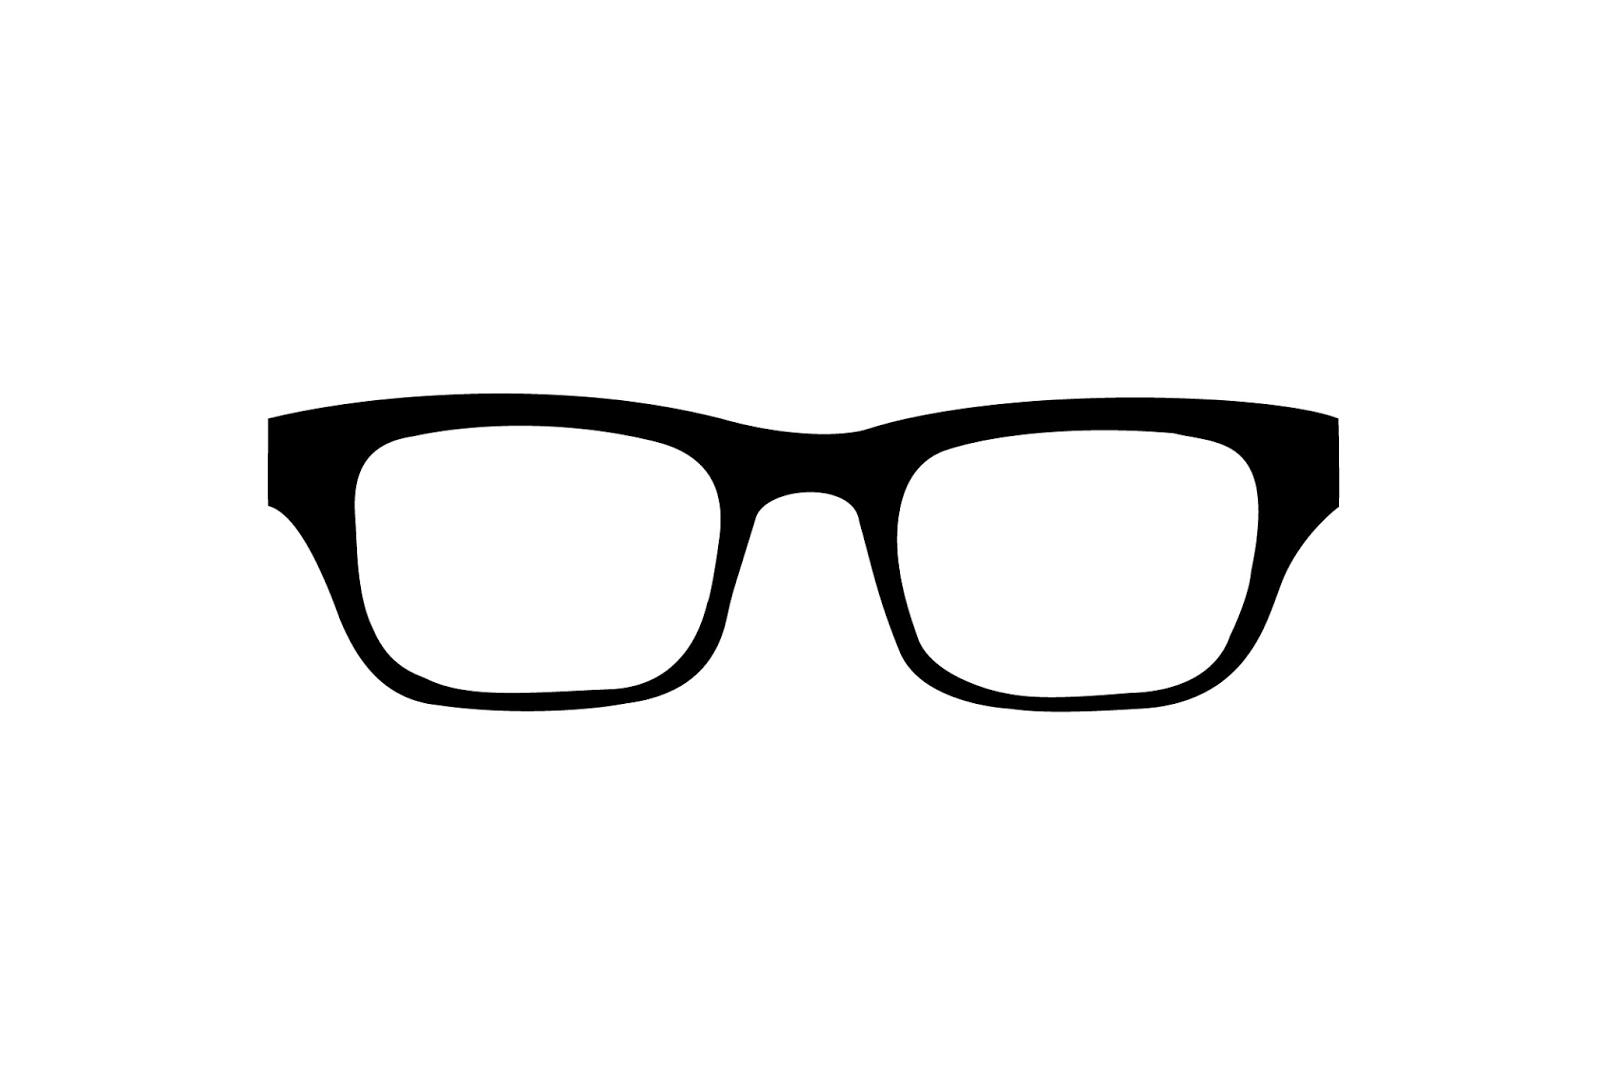 этом случае очки в графике картинки уверены, что культивированием